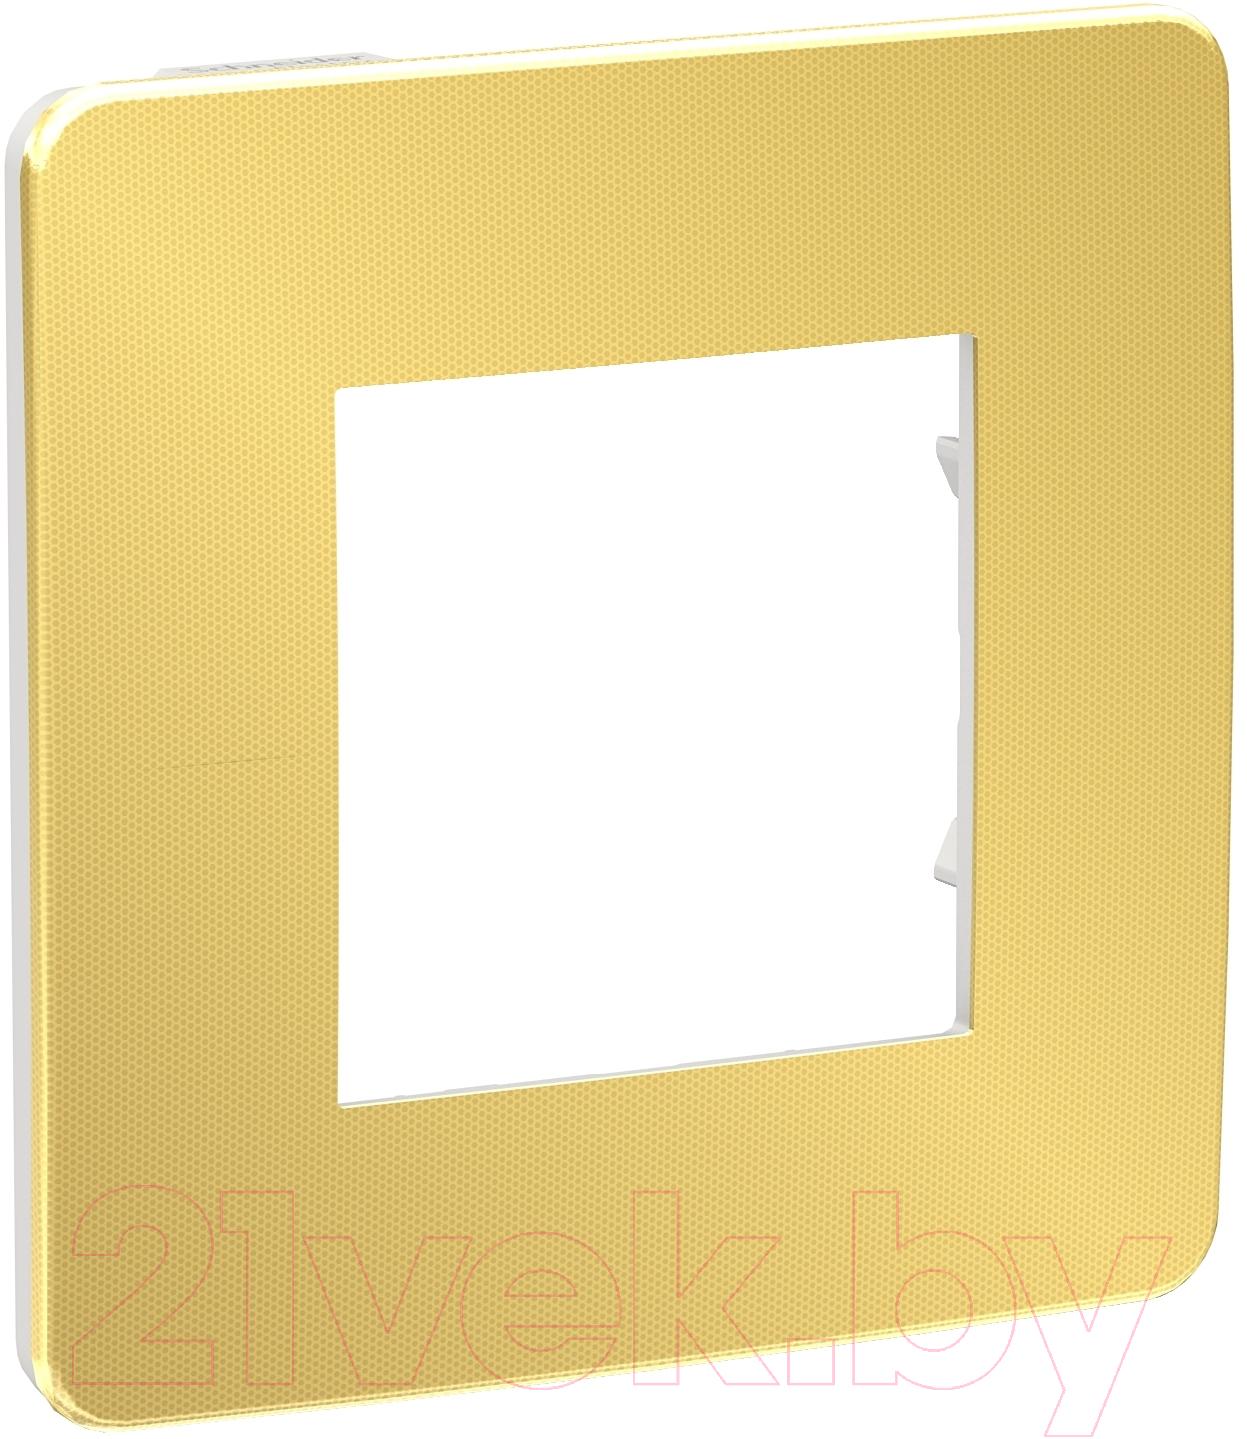 Купить Рамка для выключателя Schneider Electric, Unica NU280259, Россия, пластик, Unica Studio (Schneider Electric)